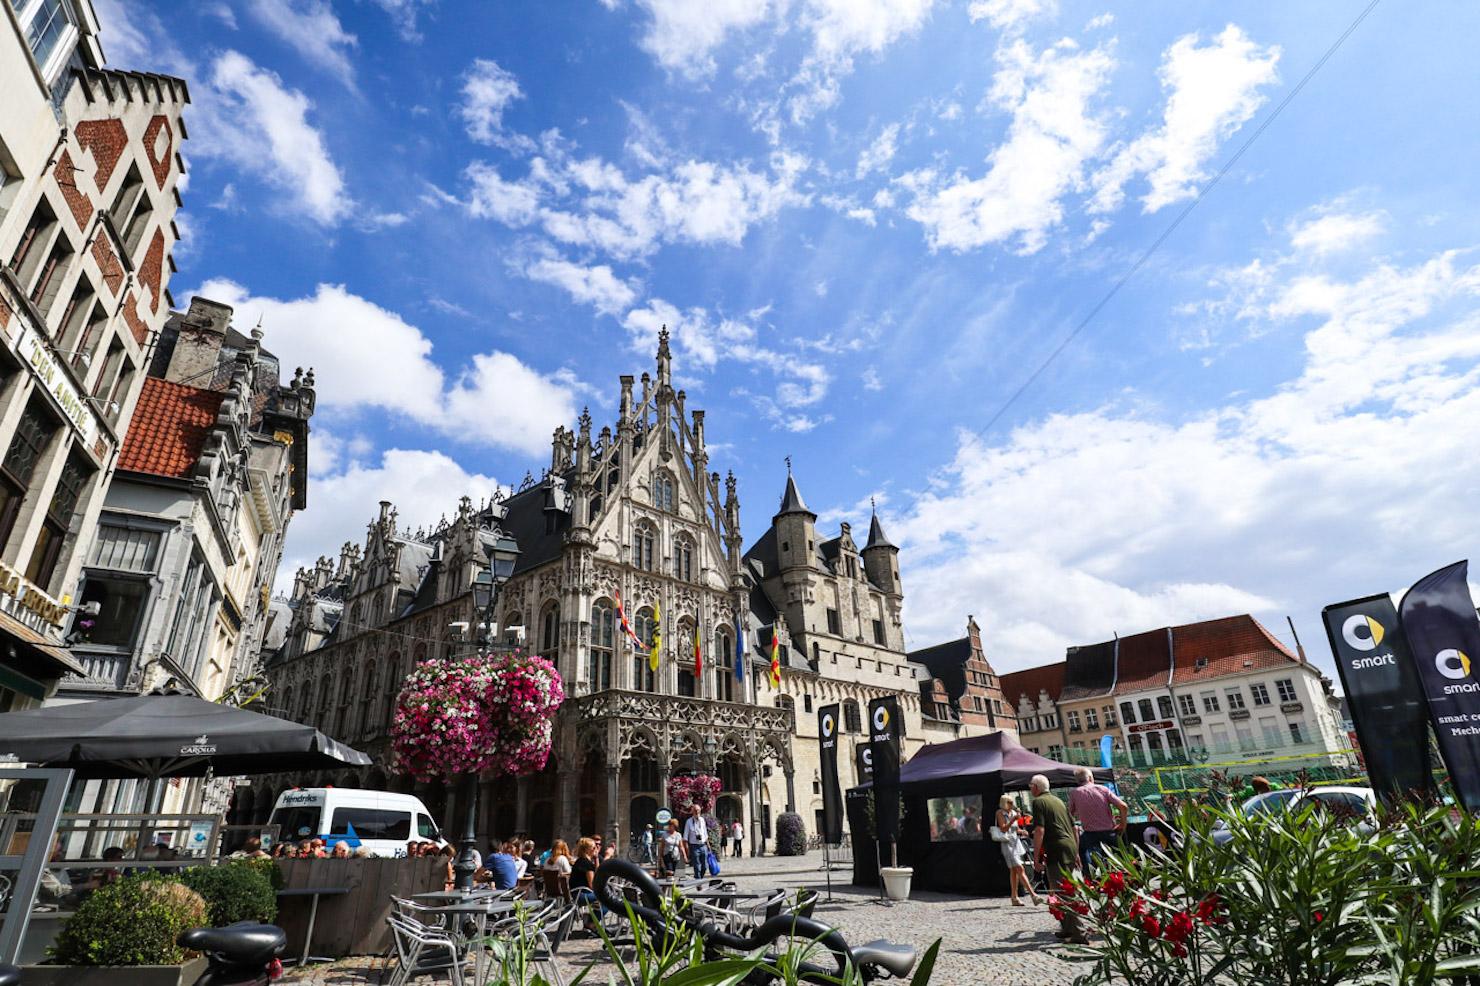 Afternoon stroll in Mechelen